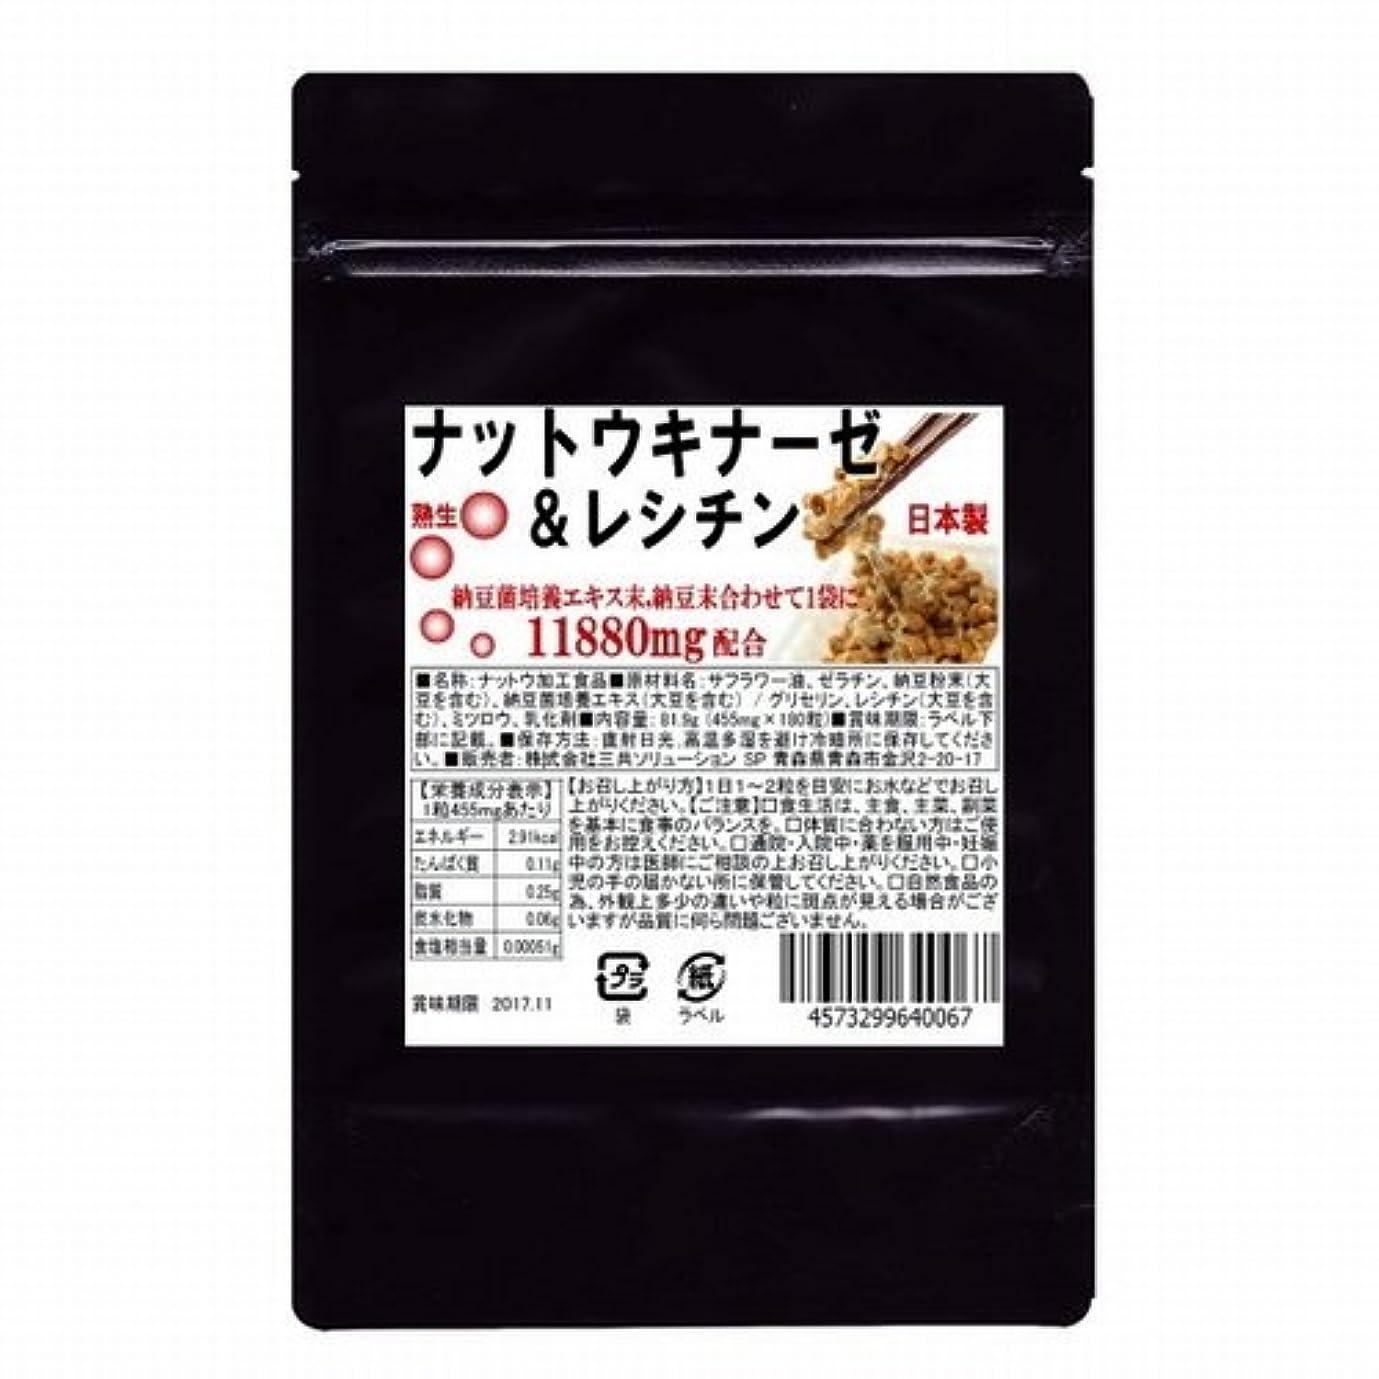 頑張る壁紙重力【大容量】熟生ナットウキナーゼ&レシチン 180粒